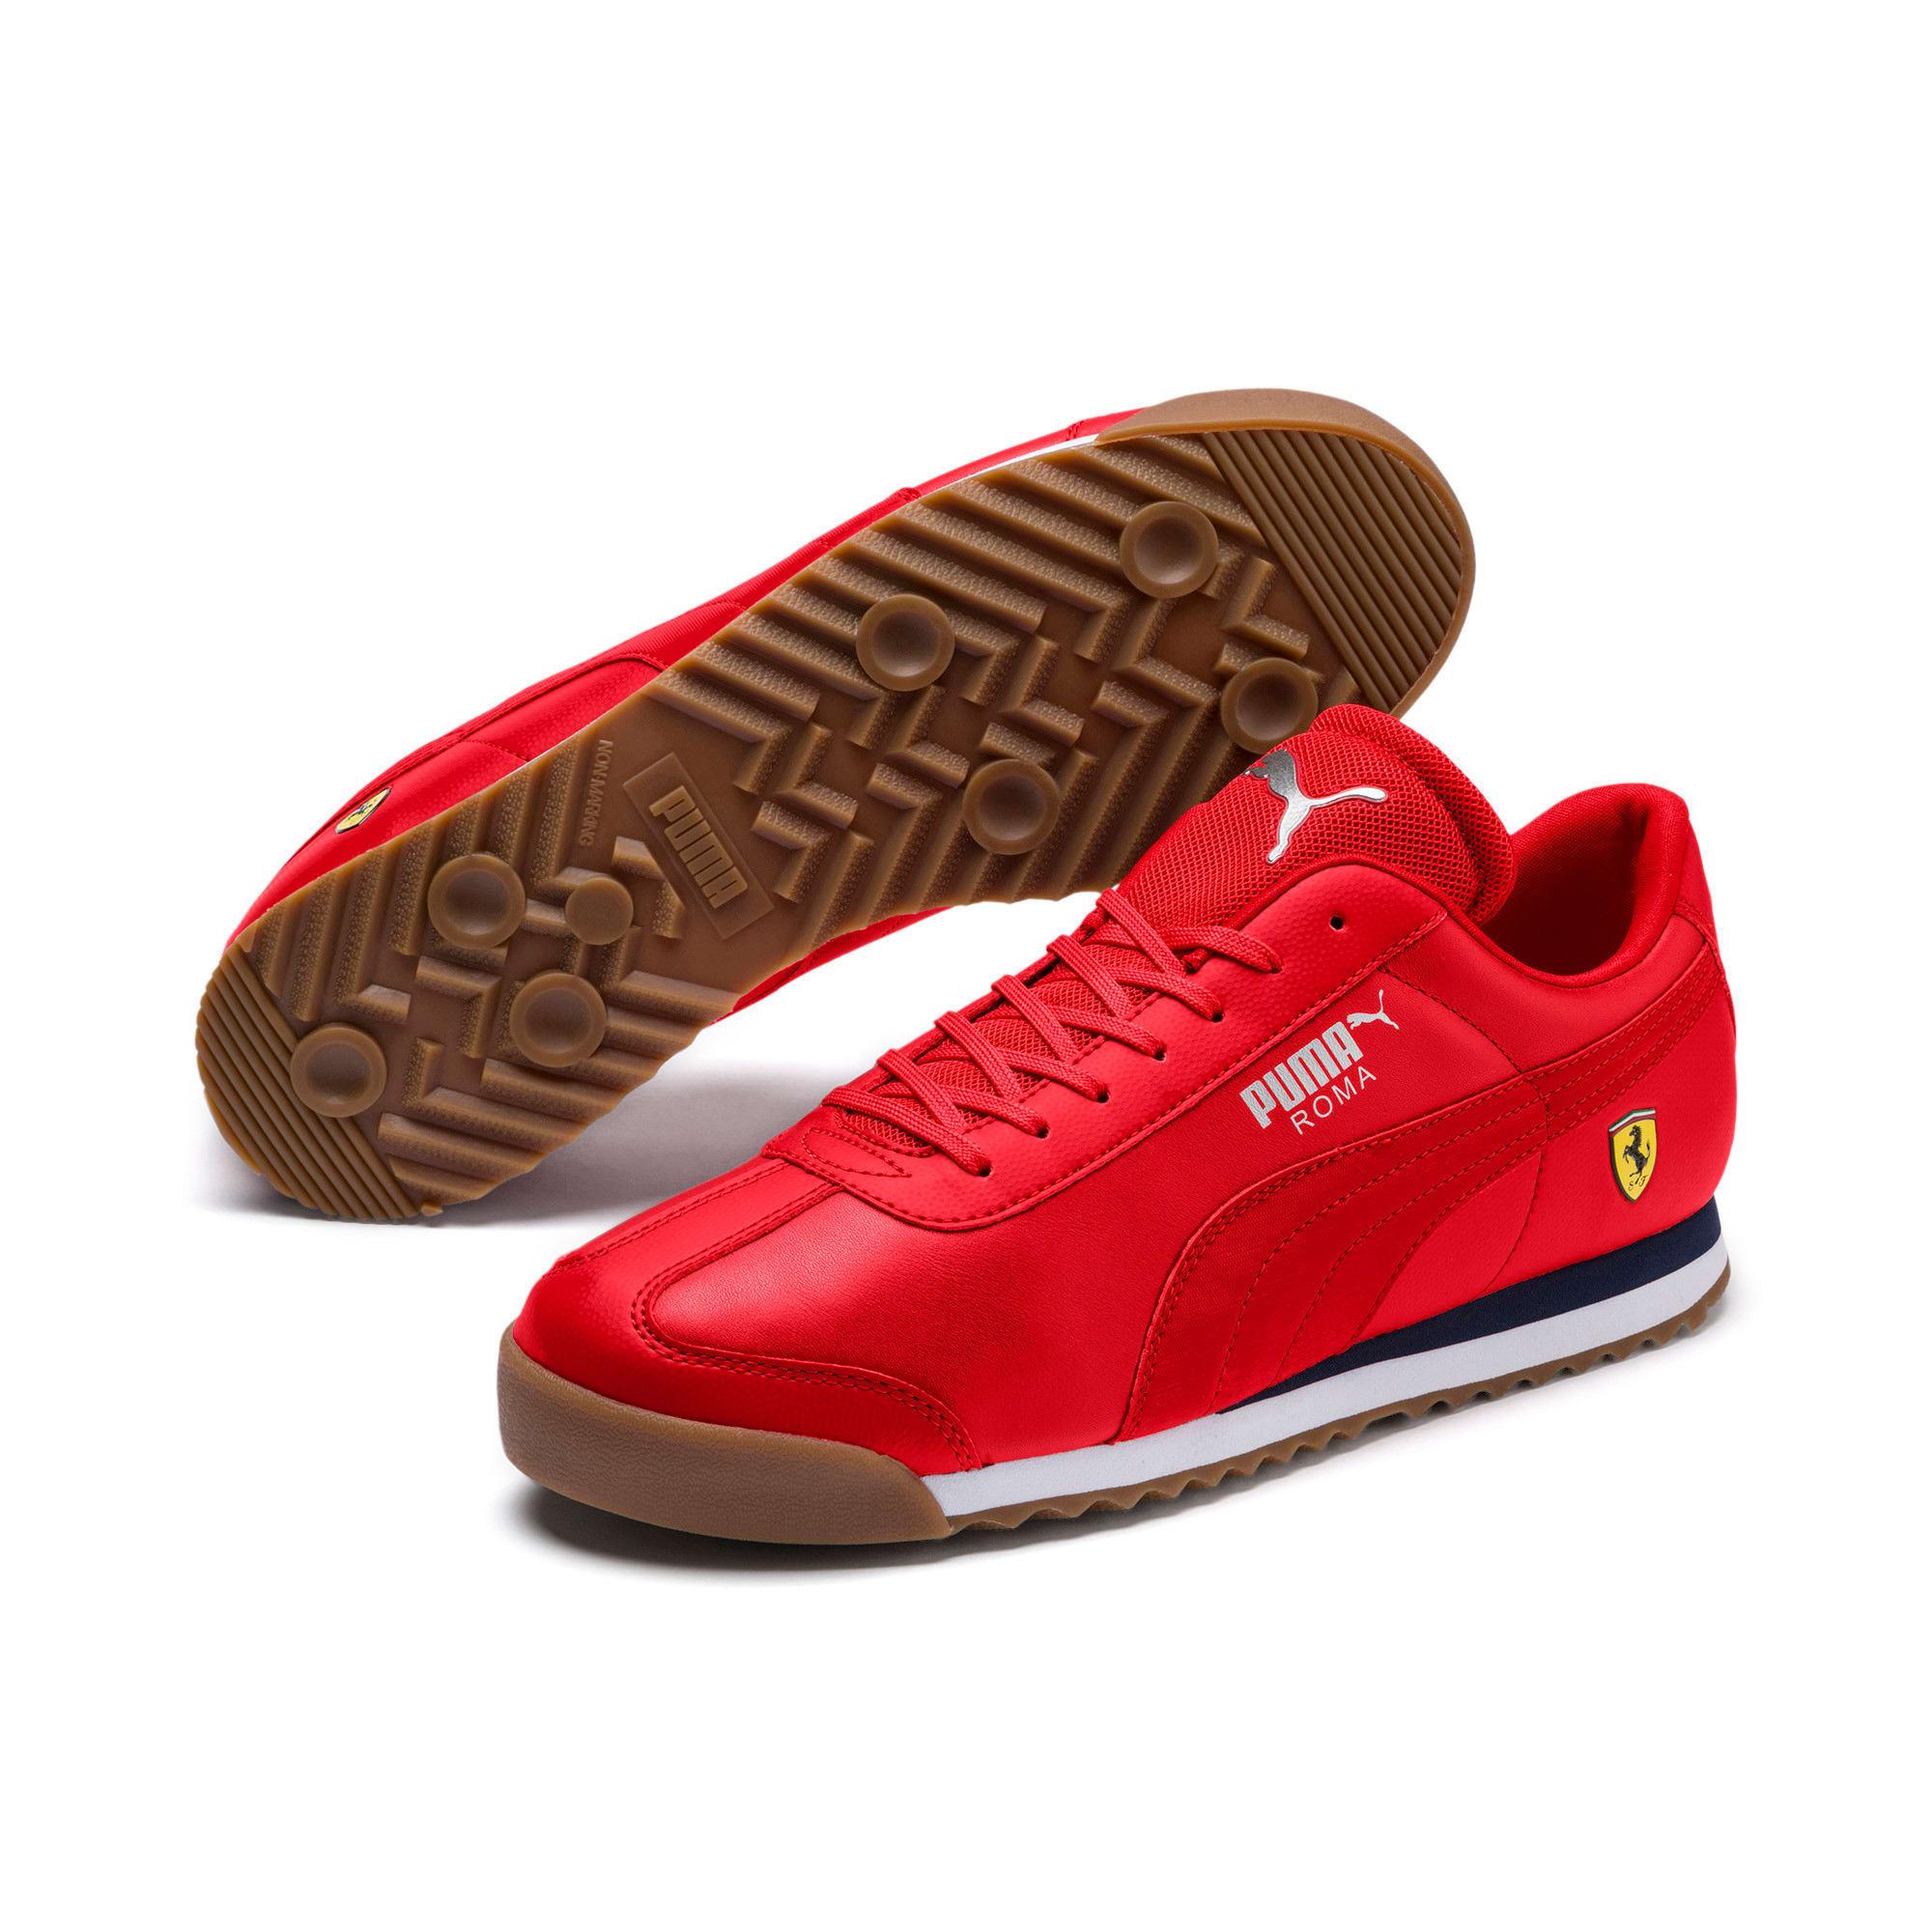 Thumbnail 2 of Scuderia Ferrari Roma Men's Sneakers, Rosso Corsa-Rosso Corsa, medium